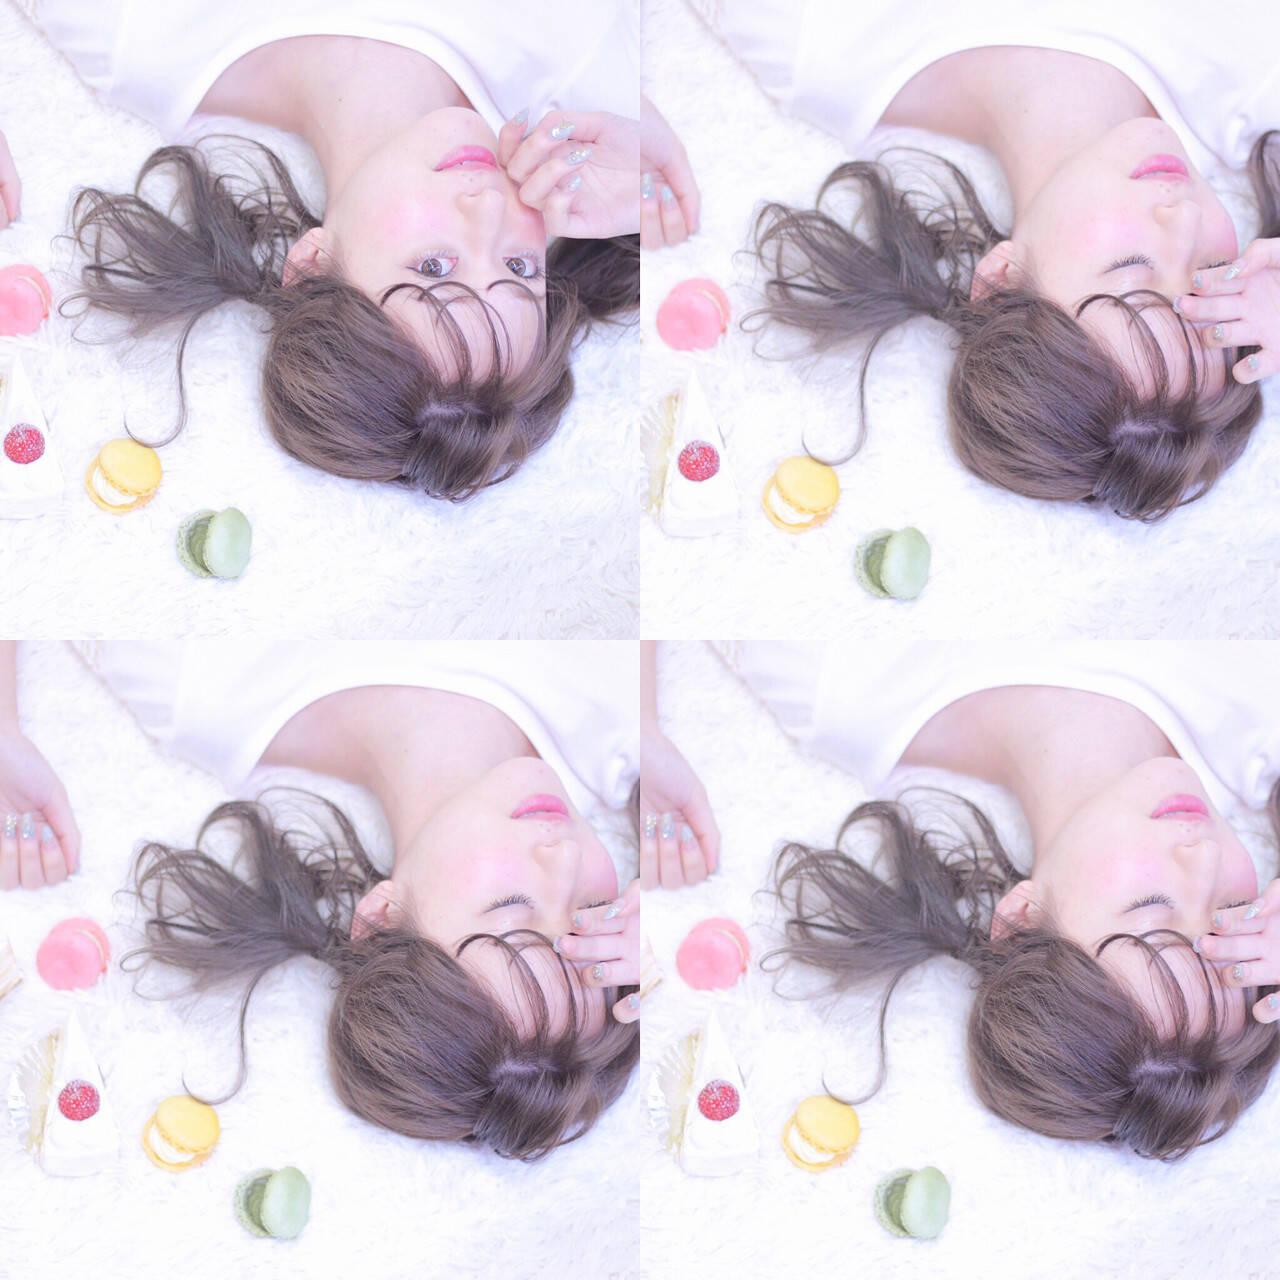 ミルクティー ガーリー ミディアム ヘアアレンジヘアスタイルや髪型の写真・画像